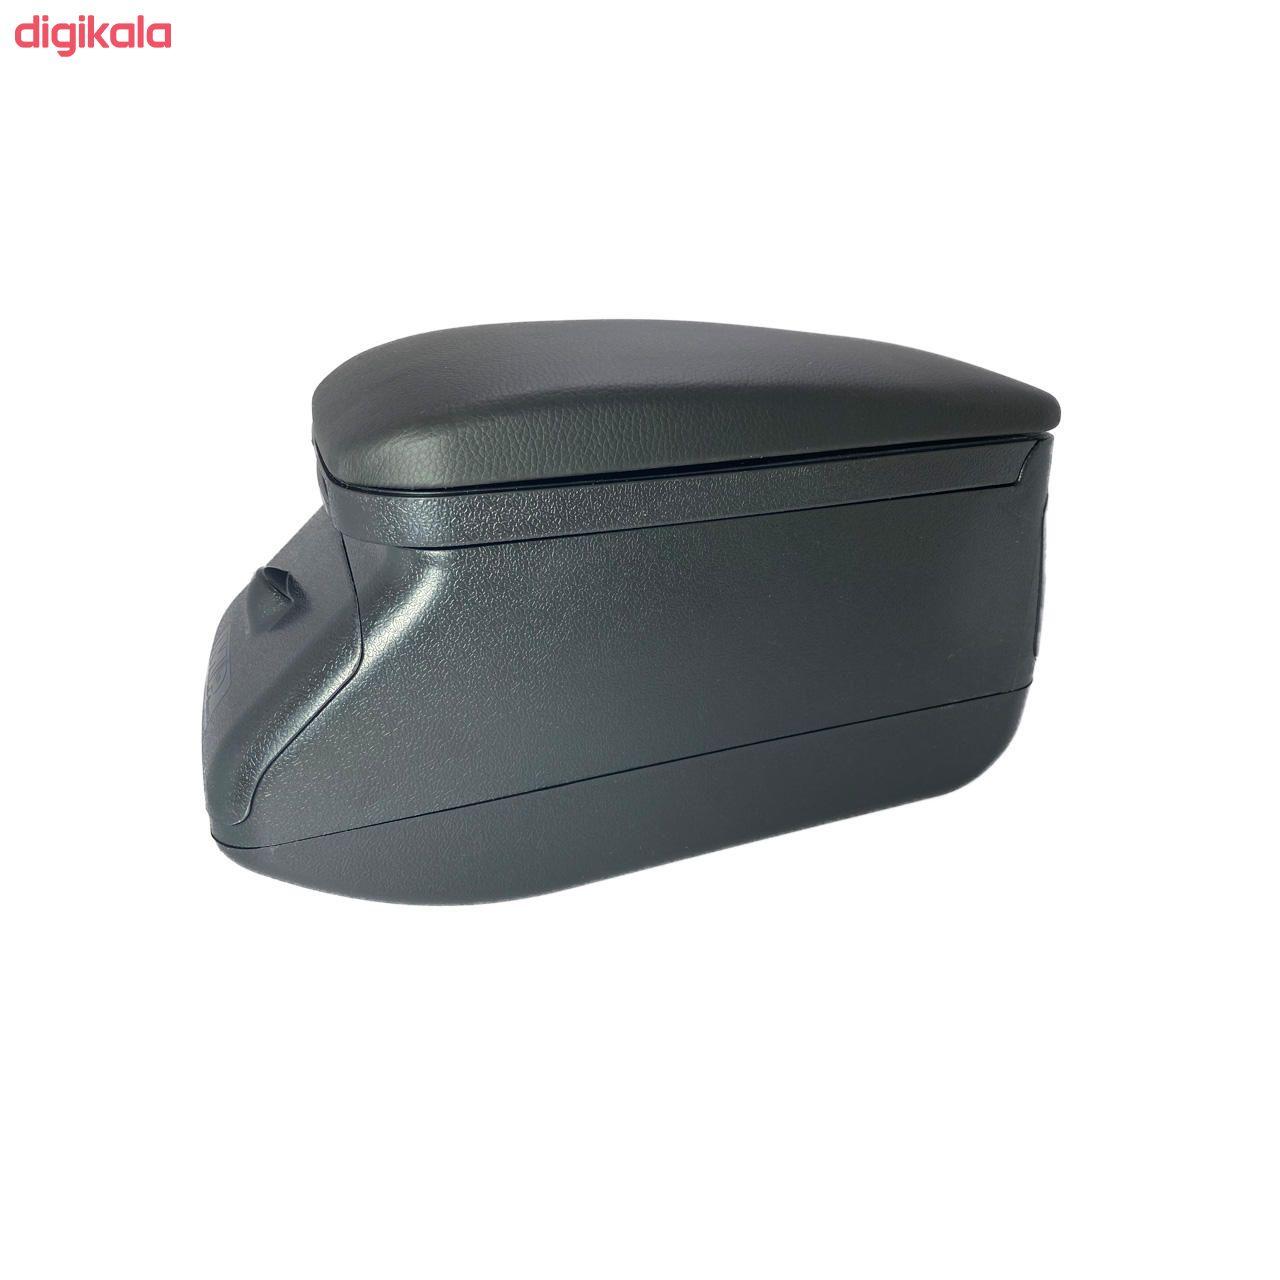 کنسول خودرو مدل pet21 مناسب برای پژو 206 main 1 1